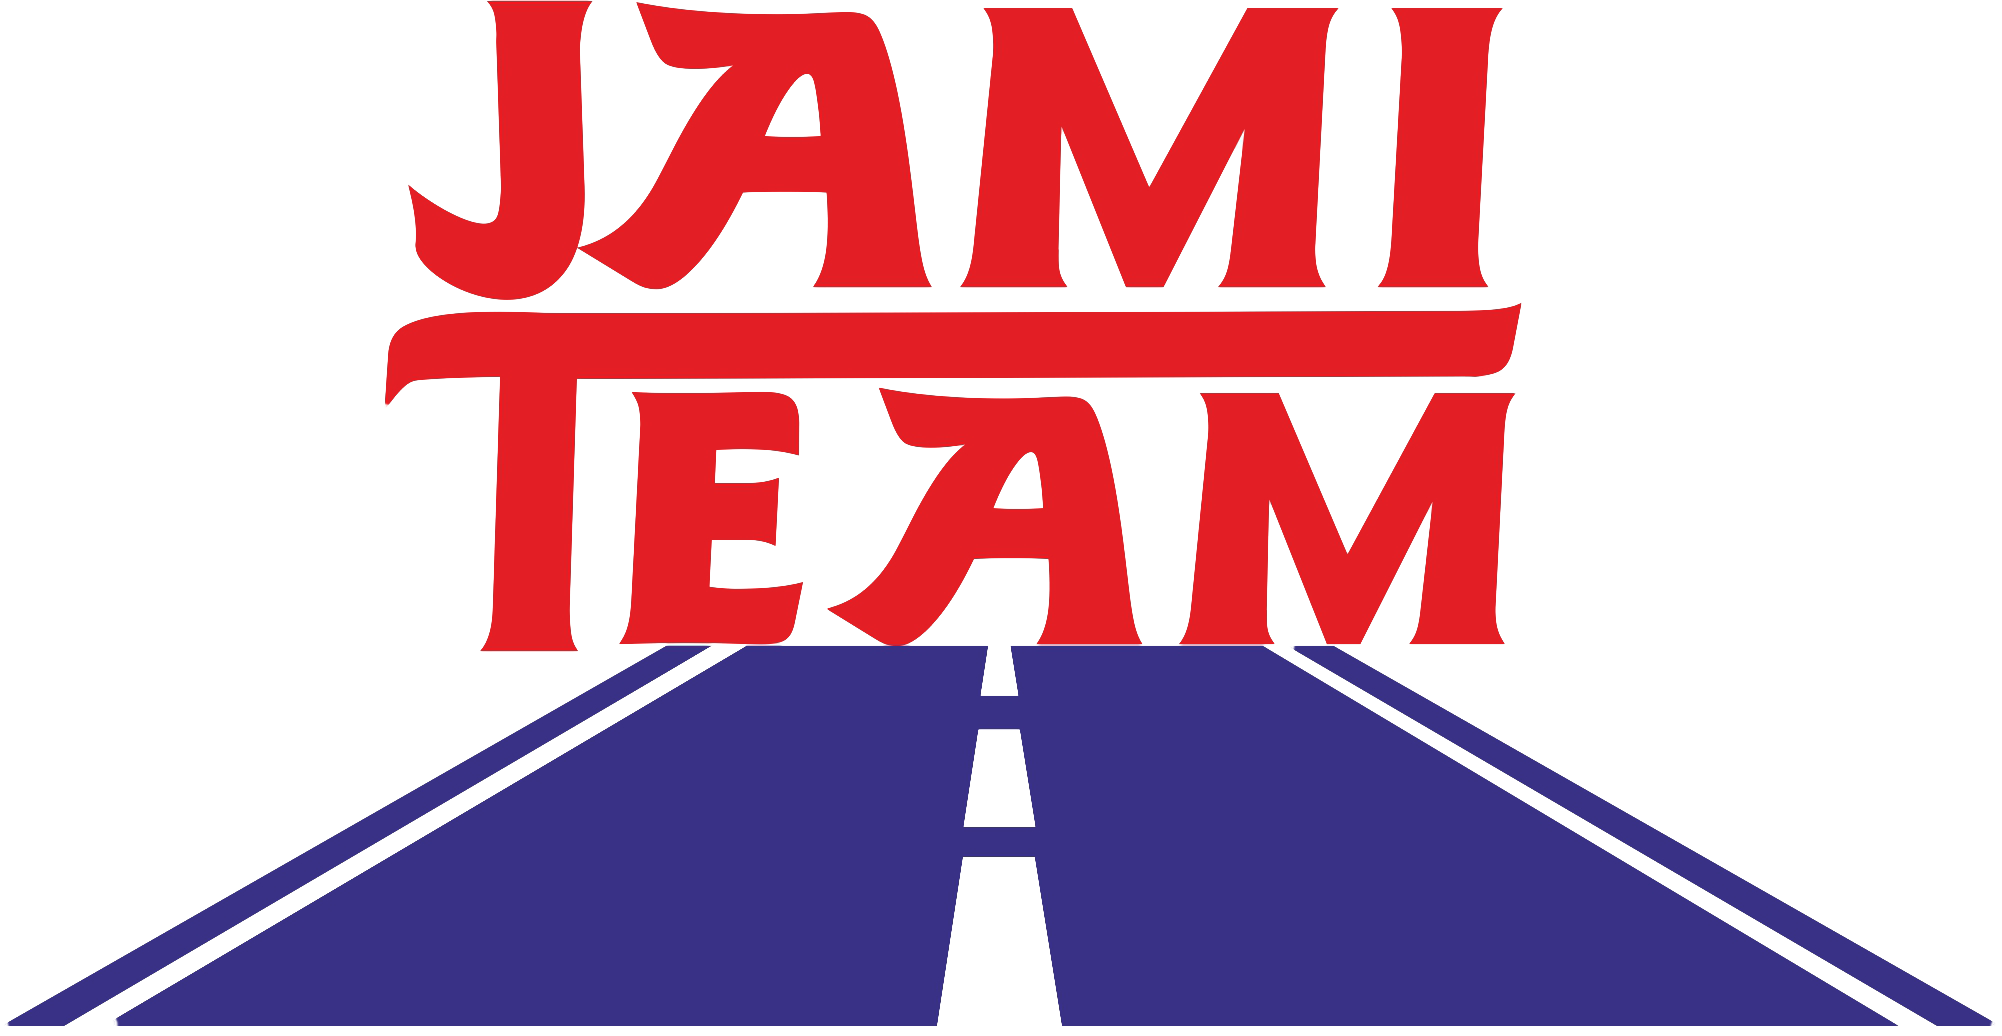 Jami team